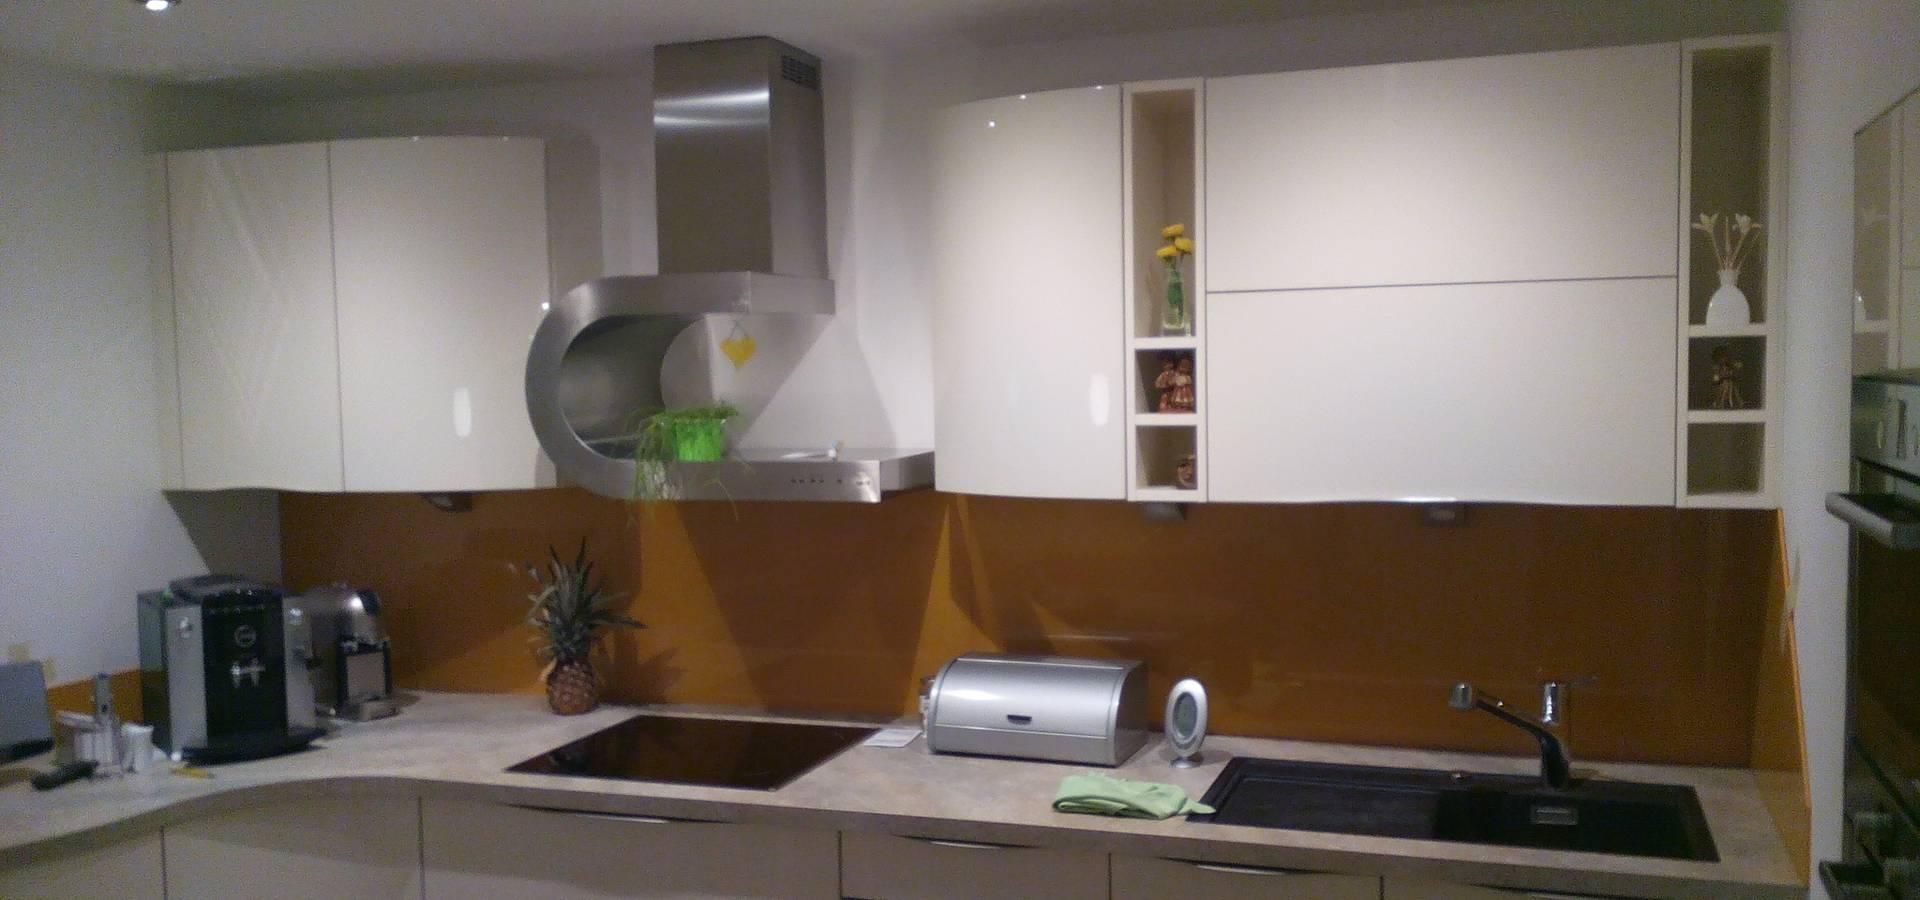 Küchenklick